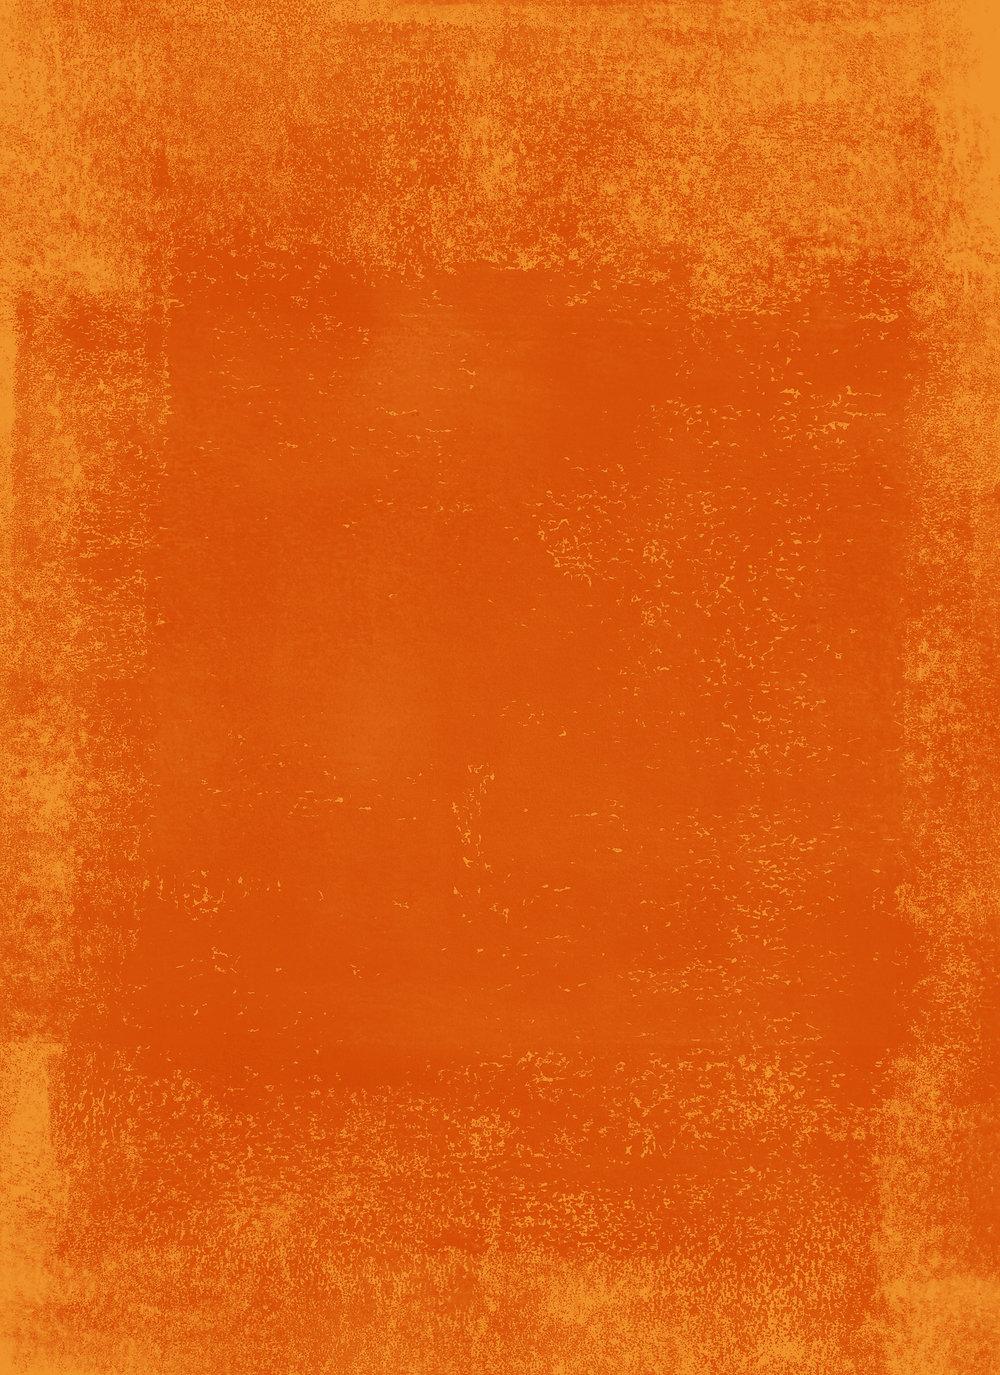 orange-roller.jpg